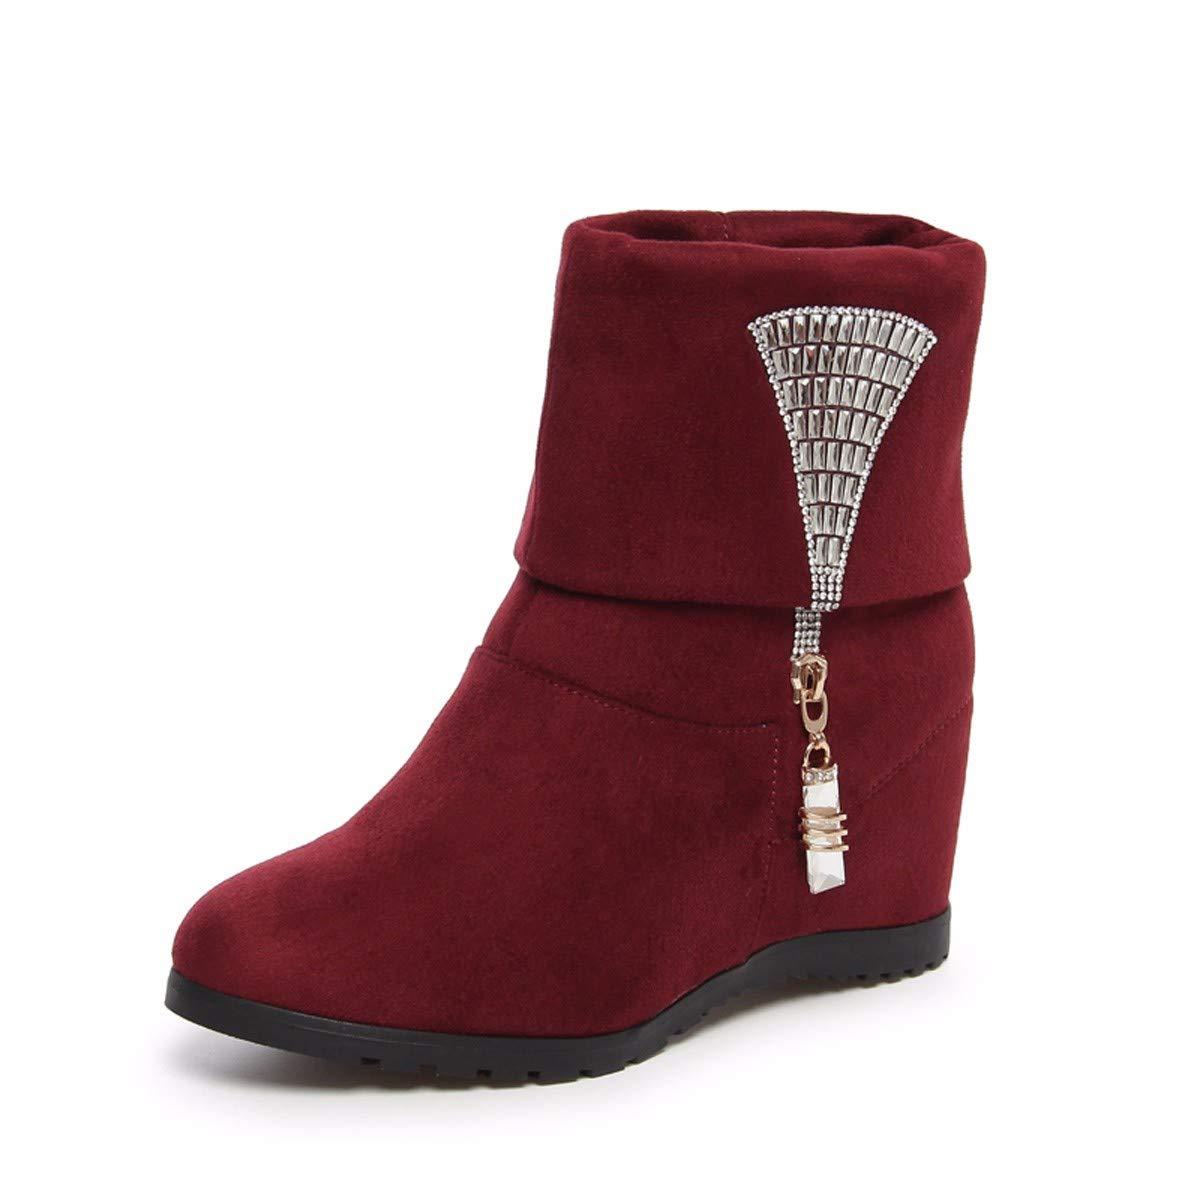 HBDLH Damenschuhe In Schuhen Stiefeln Meine Damen Herbst und Winter Bohrer Runde Kopf Ärmel Ritter Stiefel Nahen U - Stiefel Frauen - Stiefel 6 cm